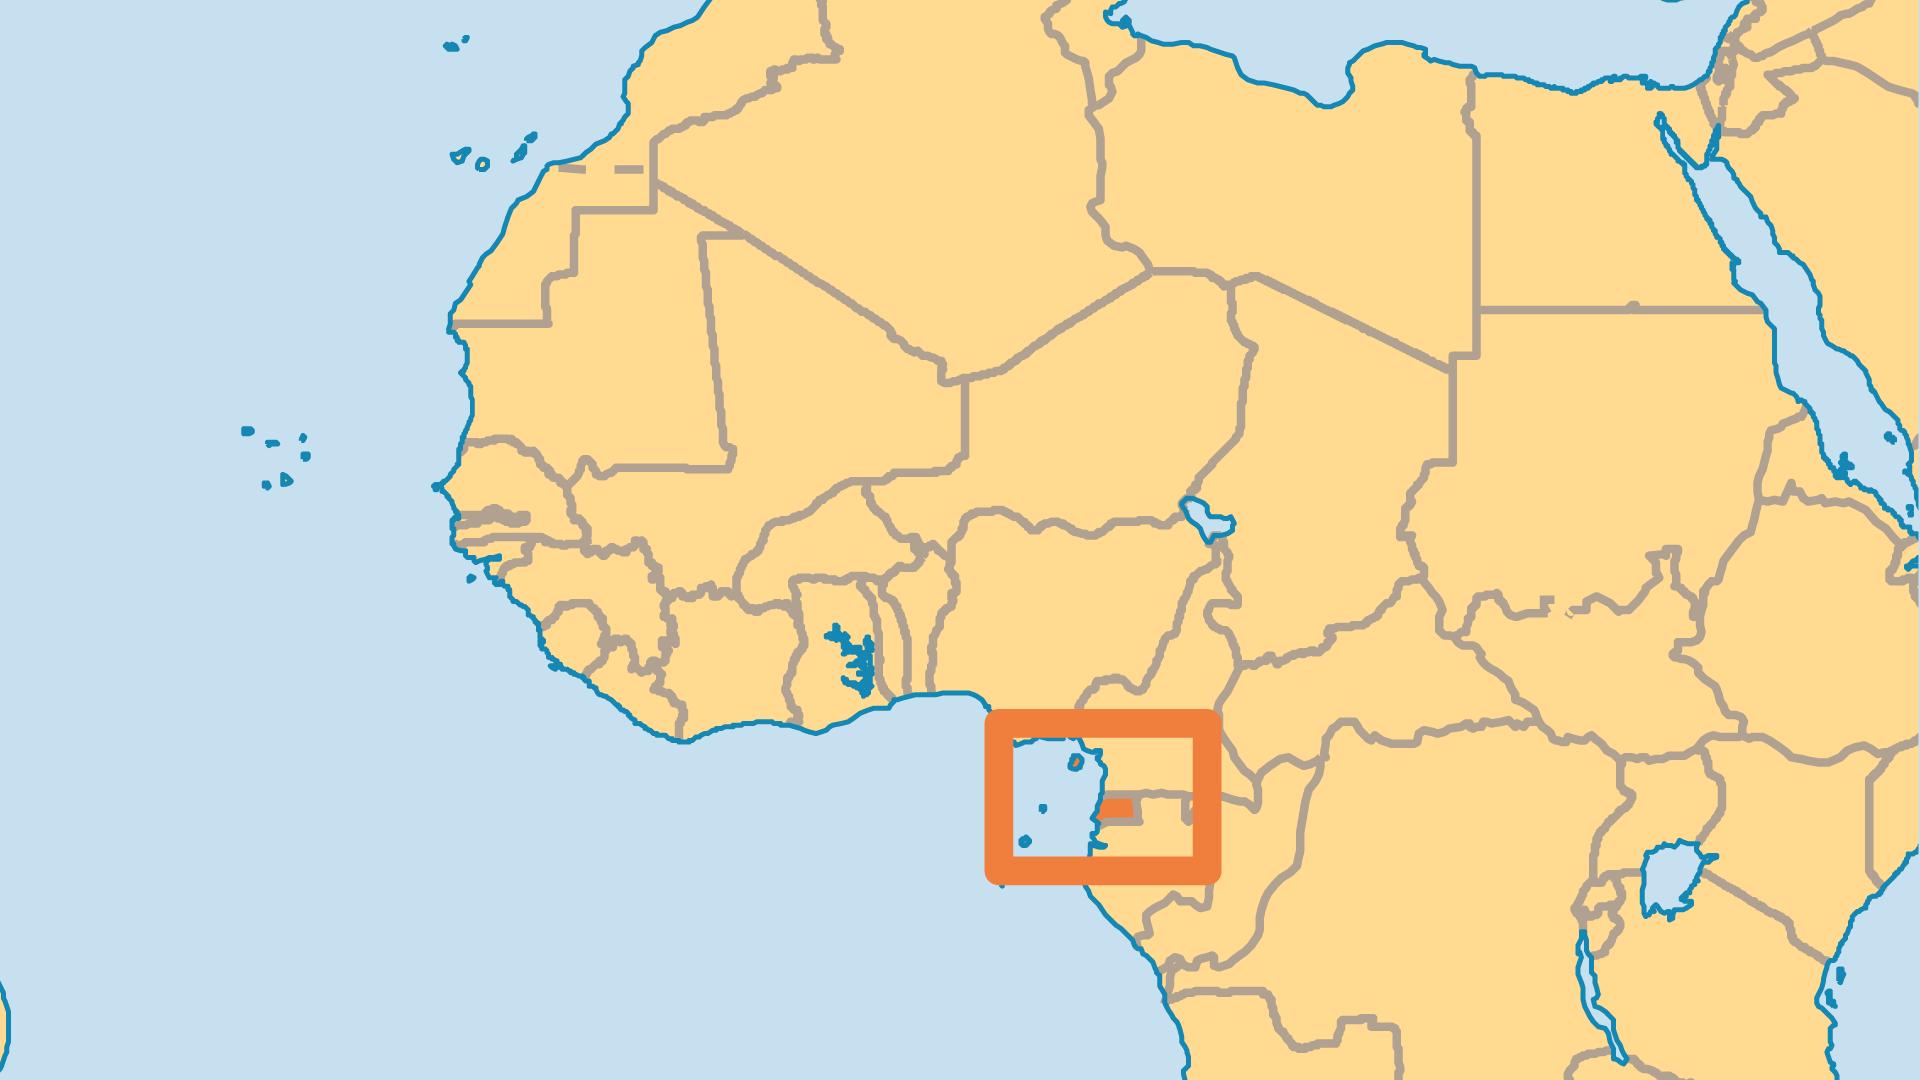 Locator Map for Equatorial Guinea